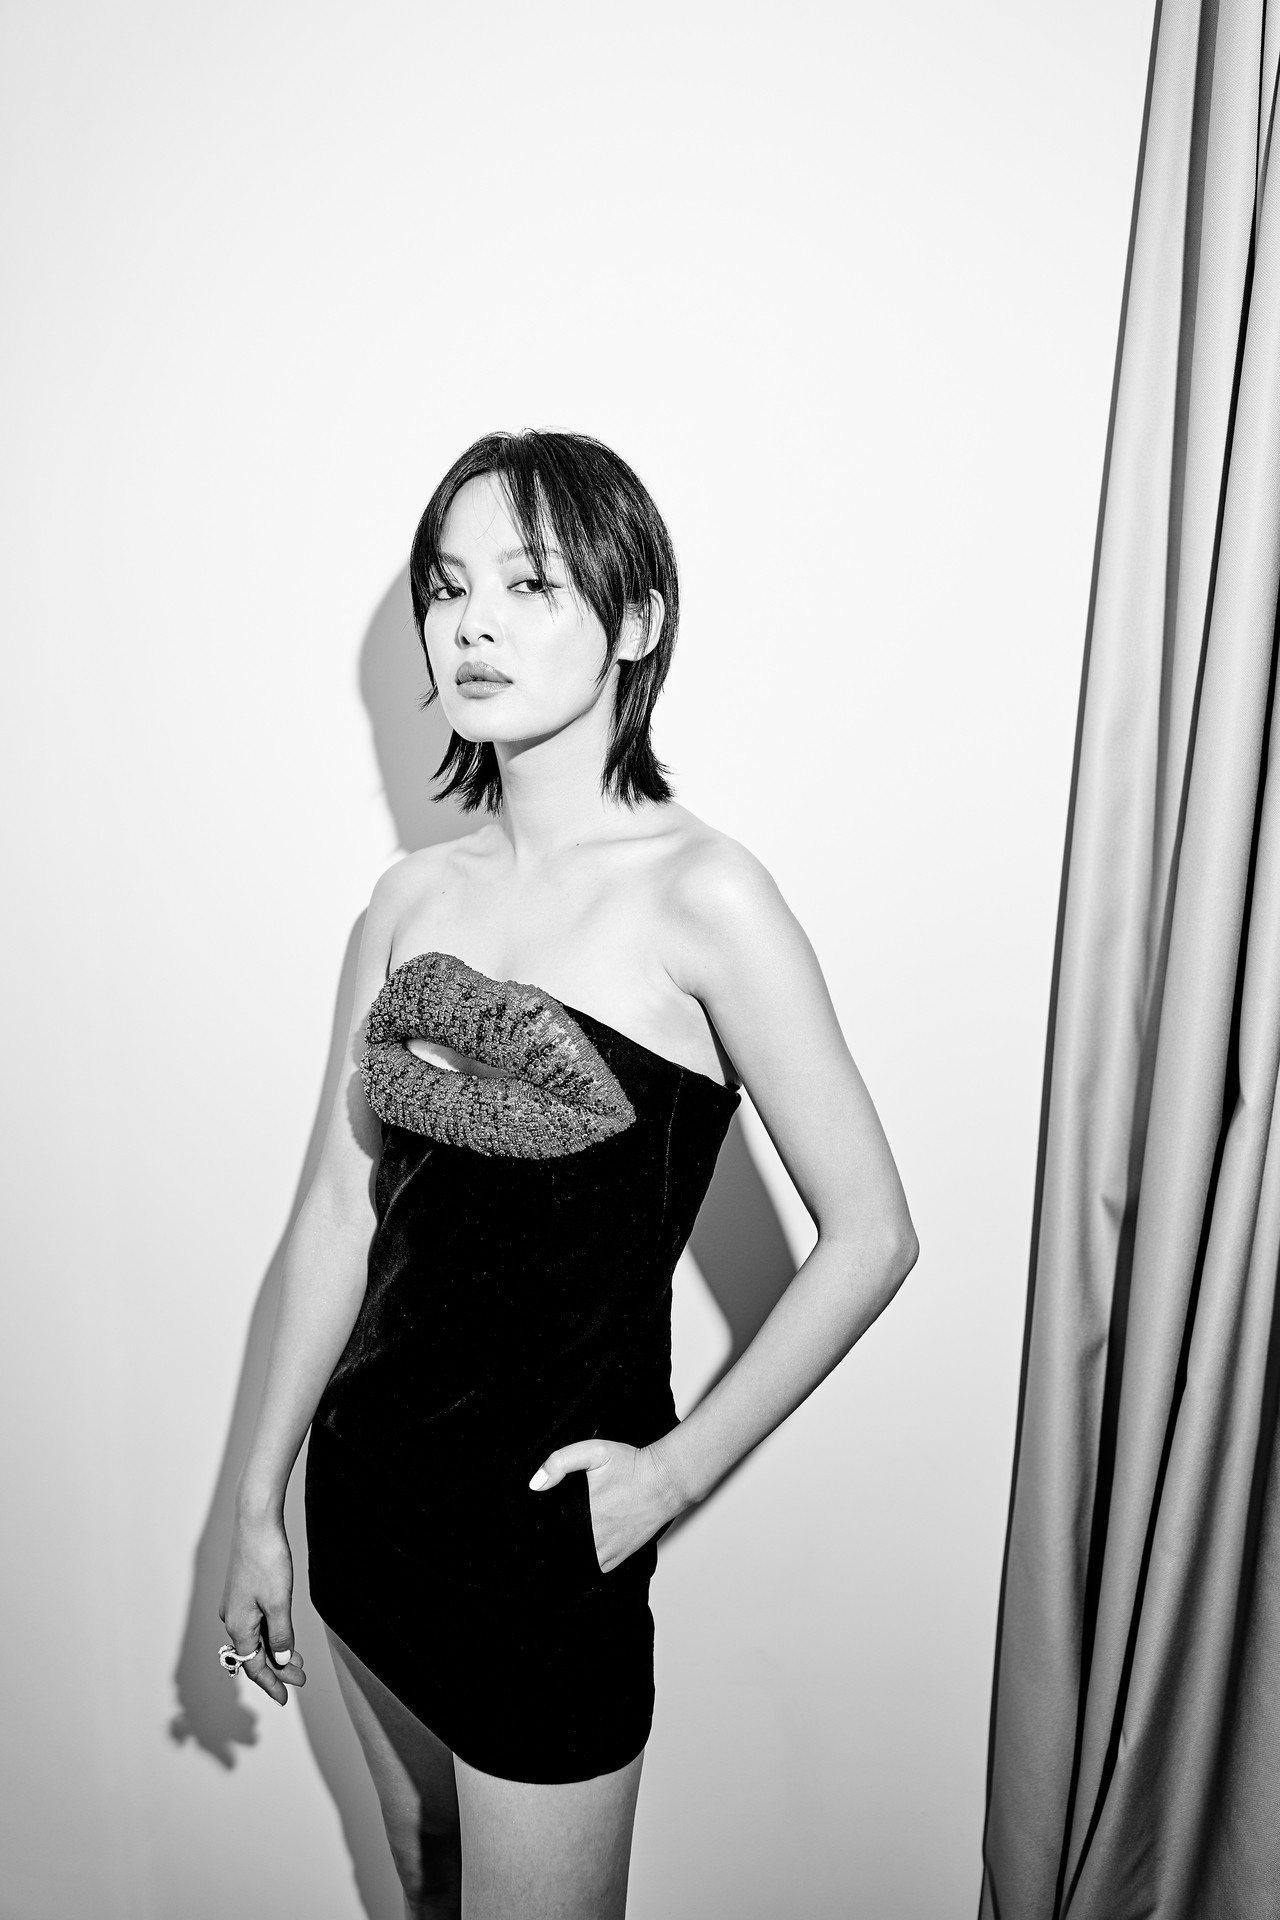 「嘉貴妃」辛芷蕾黑色小洋裝上的大紅唇則是超有造型感,也巧妙呼應她標誌性的性感厚唇...